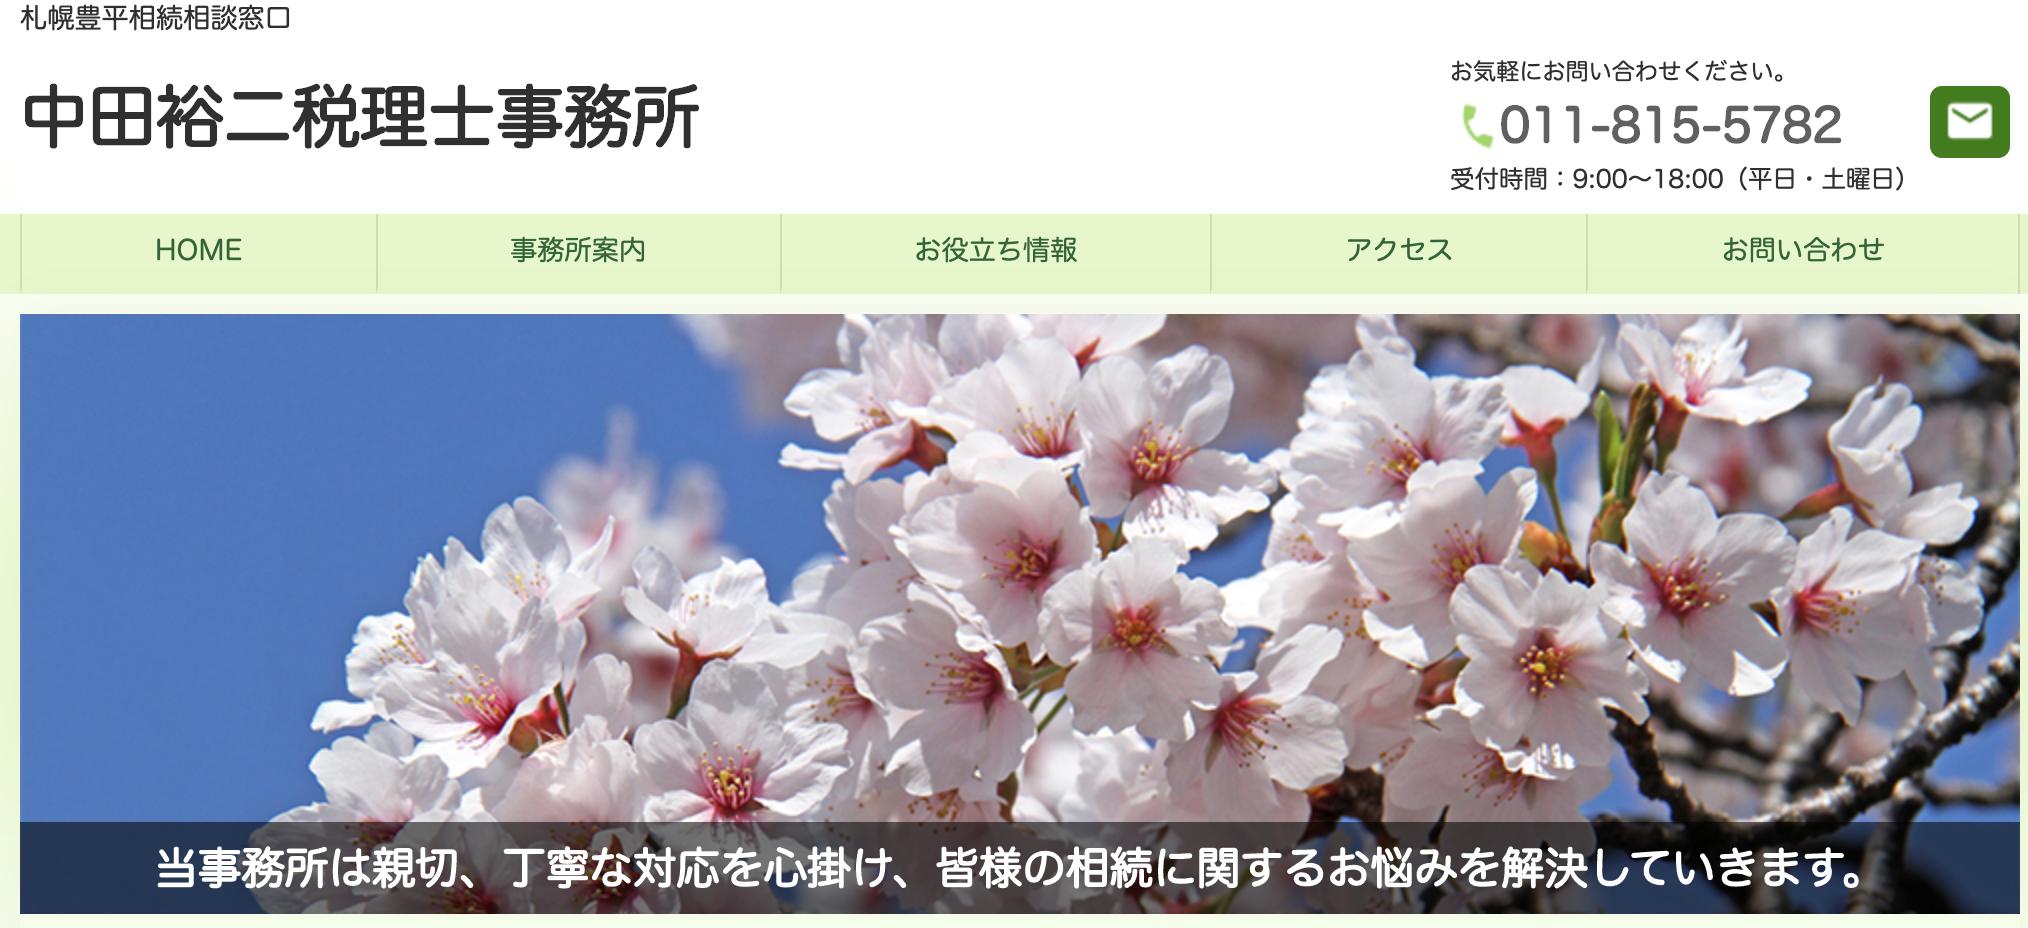 6.南北線 平岸駅 徒歩5分 中田裕二税理士事務所